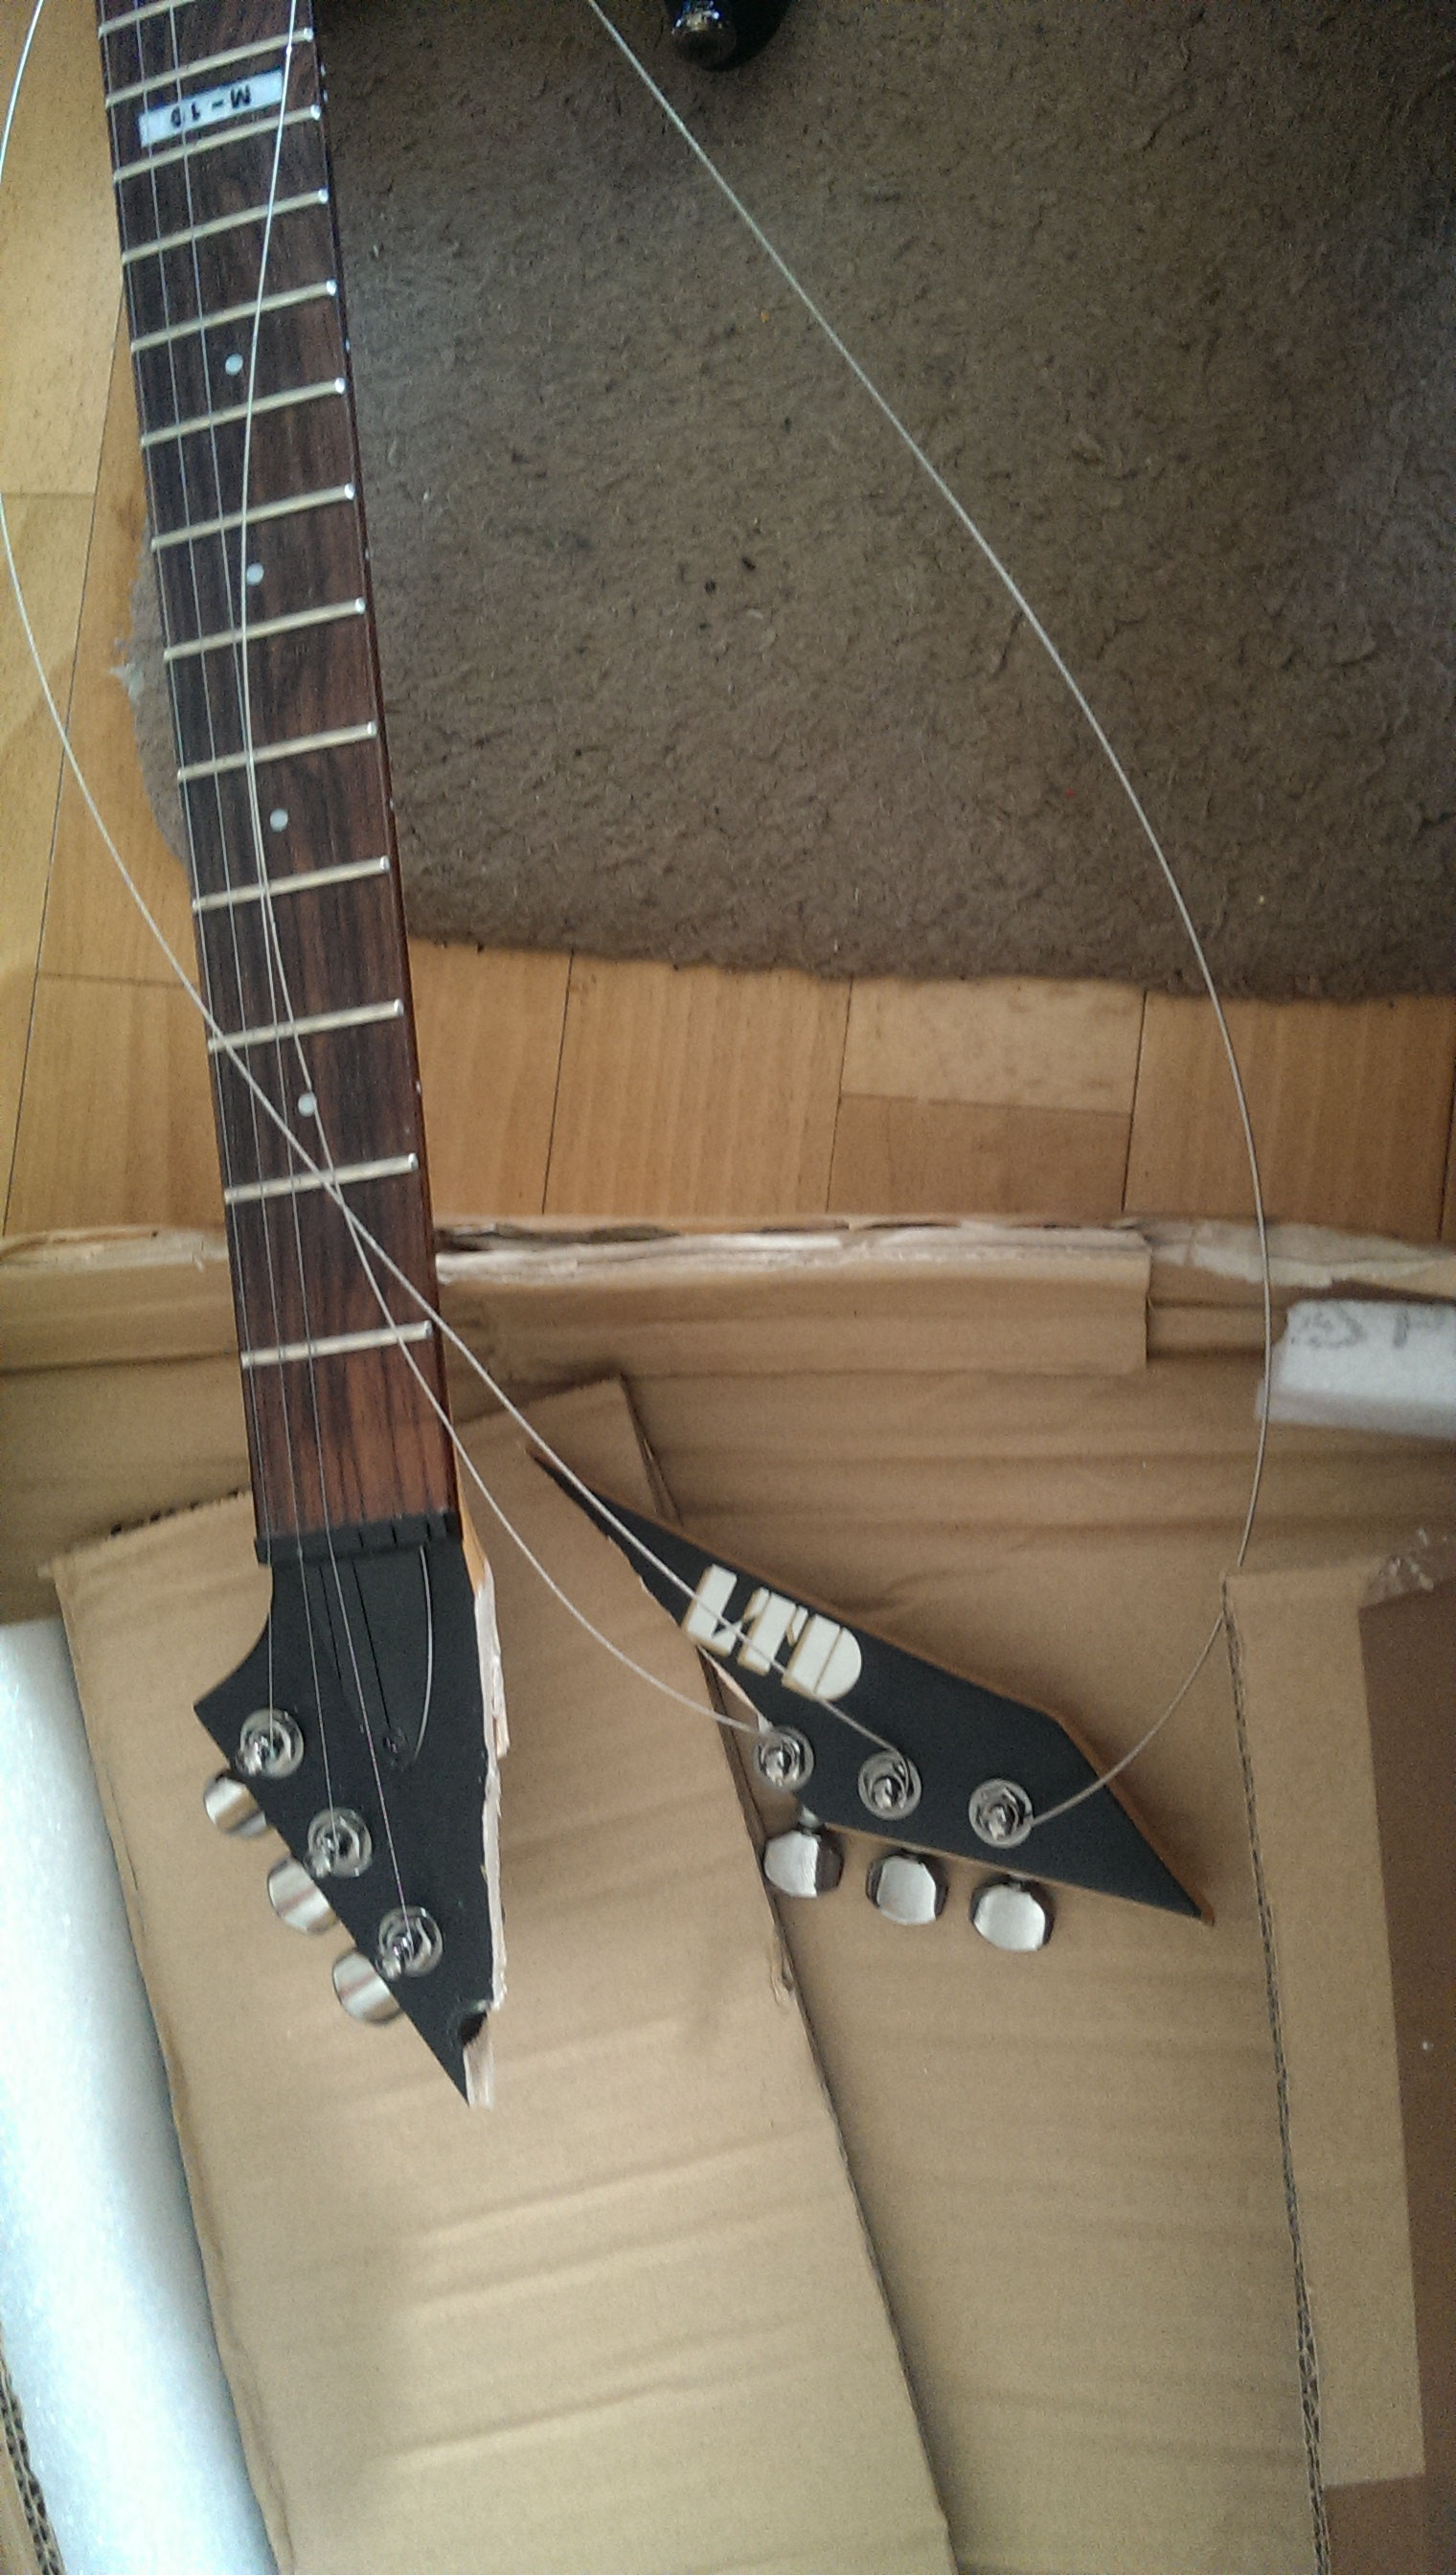 Ungewöhnlich Ltd Gitarren Schaltpläne Für Bilder - Elektrische ...